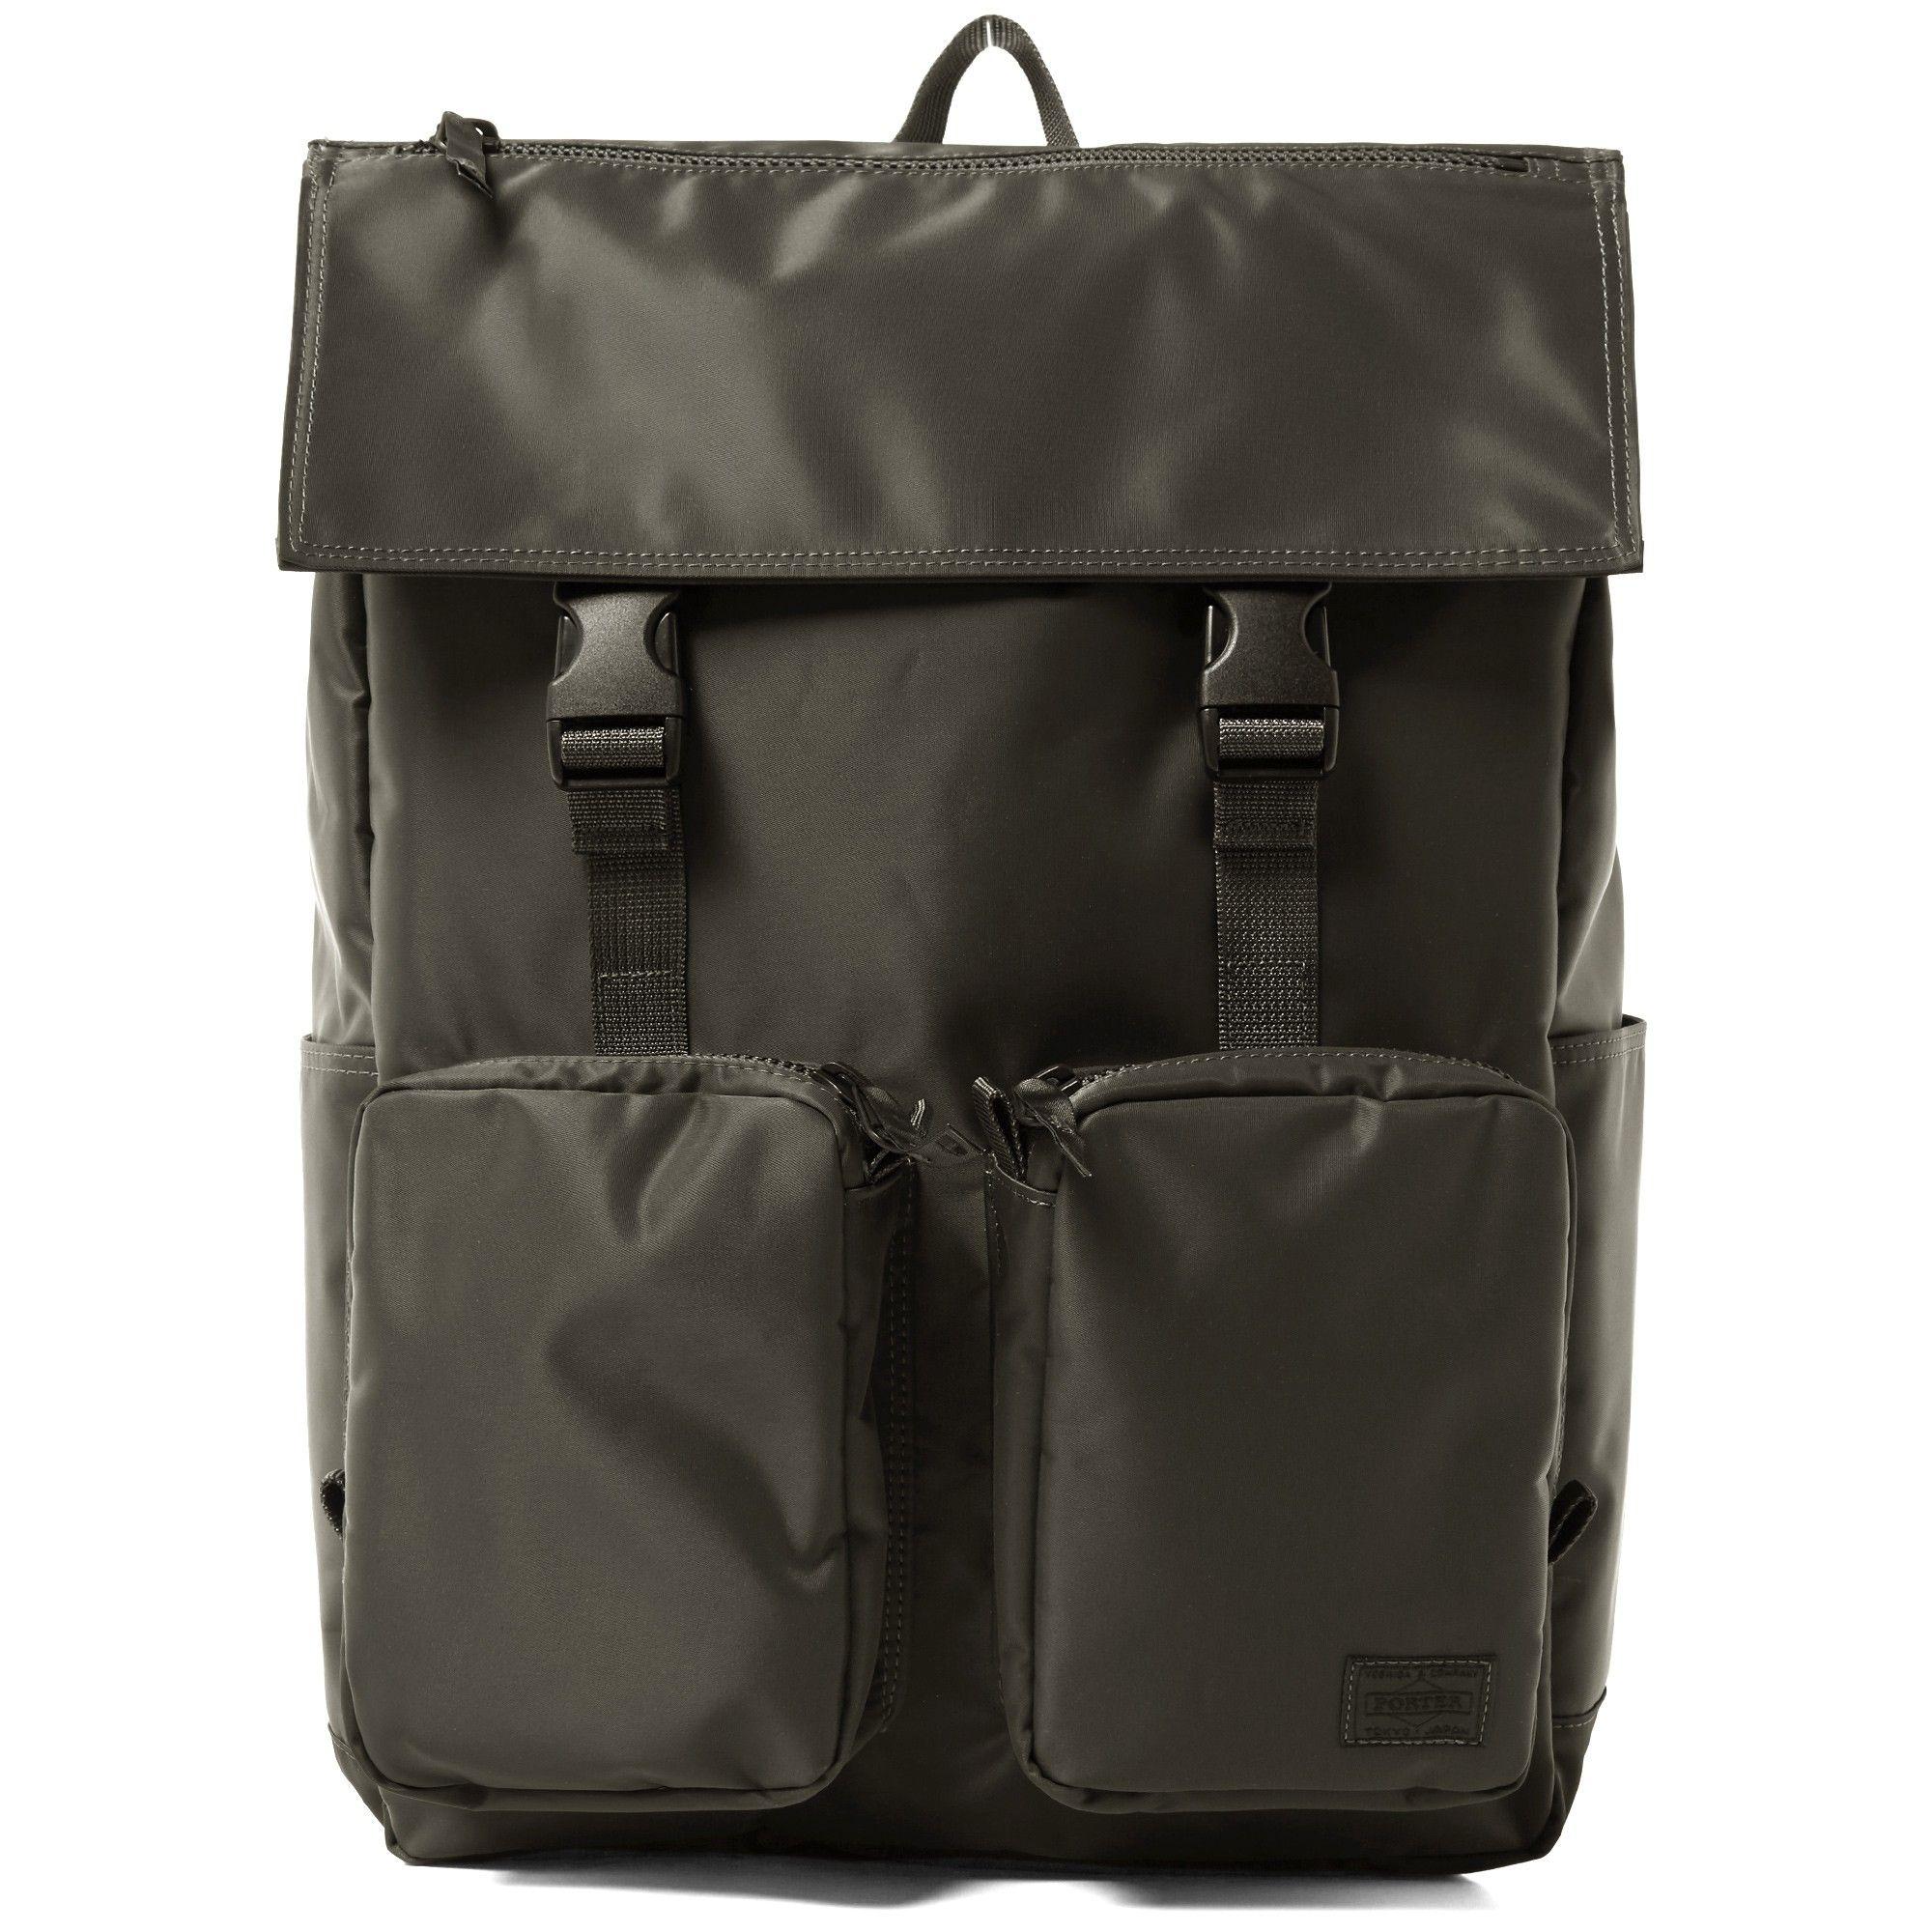 e8affa7a26f9 Head Porter Rucksack (Grey Spirit) Porter Bag